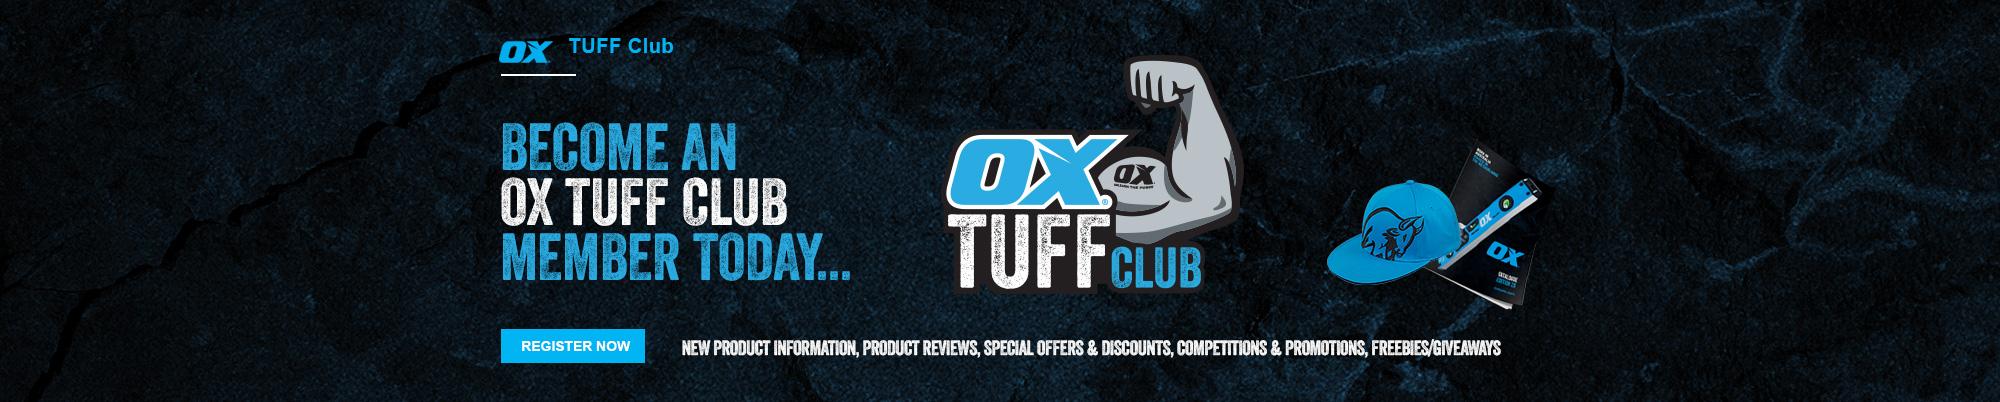 Tuff Club